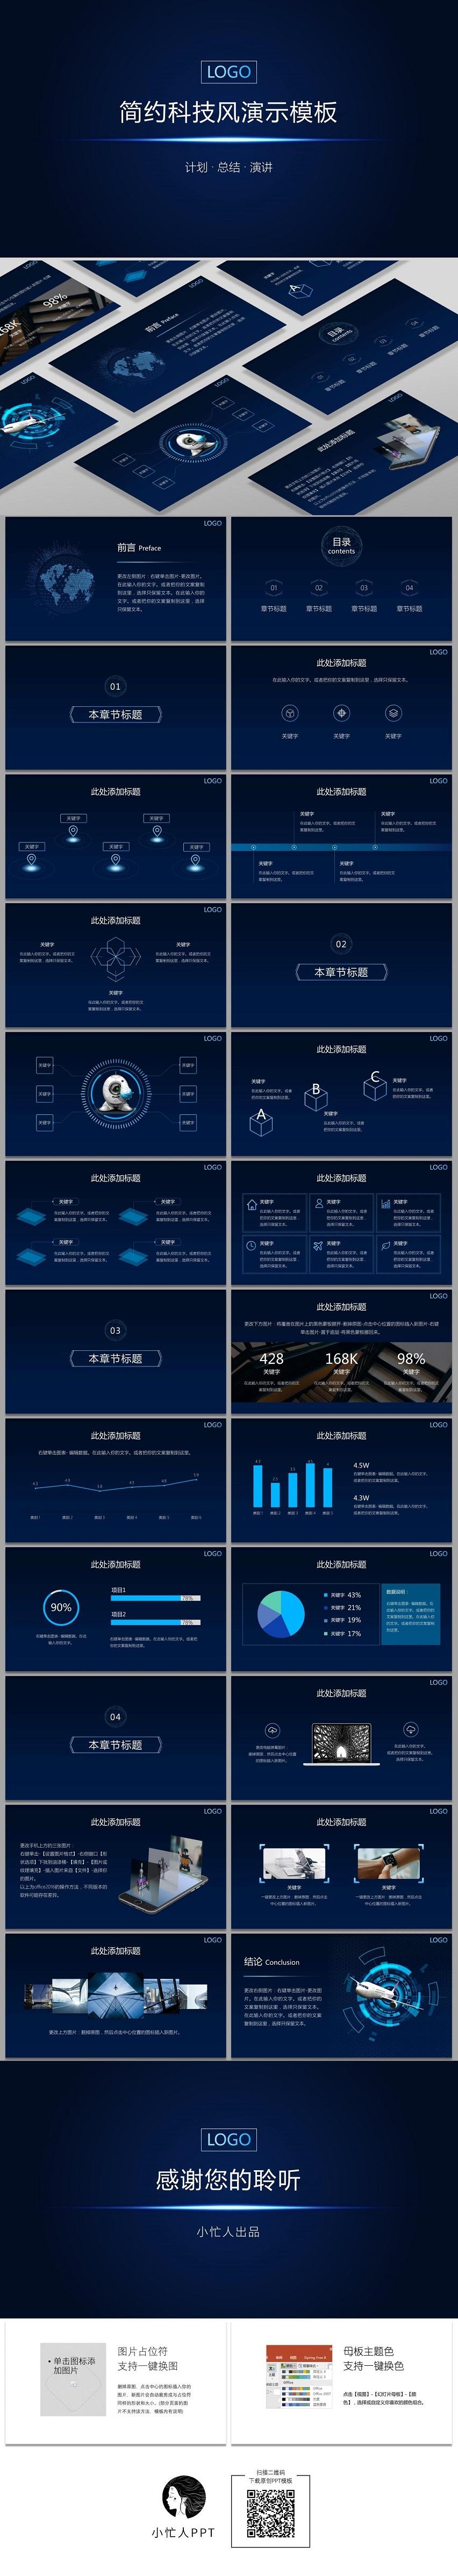 蓝色科技风IT互联网工作计划总结公司简介项目介绍论坛演讲模板